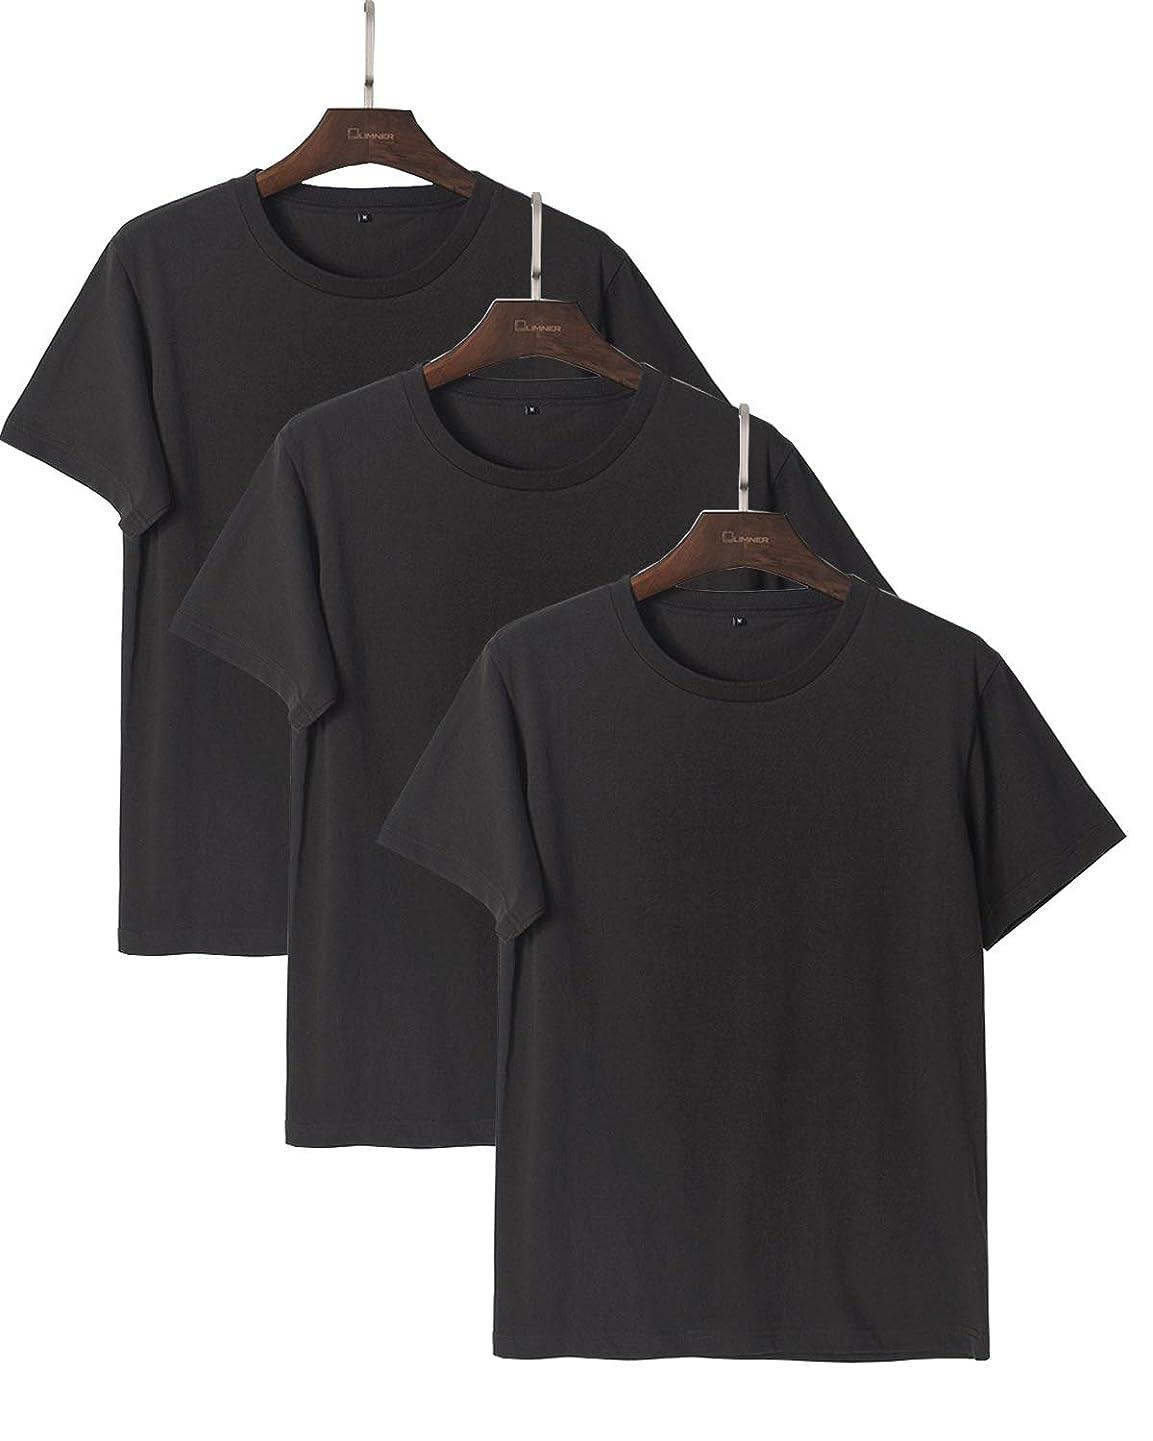 夏定常許容できるJinsX メンズファッション Tシャツ 半袖 3枚組 Tシャツ 無地 Tシャツ オーガニックコットン 吸汗速乾 Tシャツ 綿100% 男女兼用 3枚組